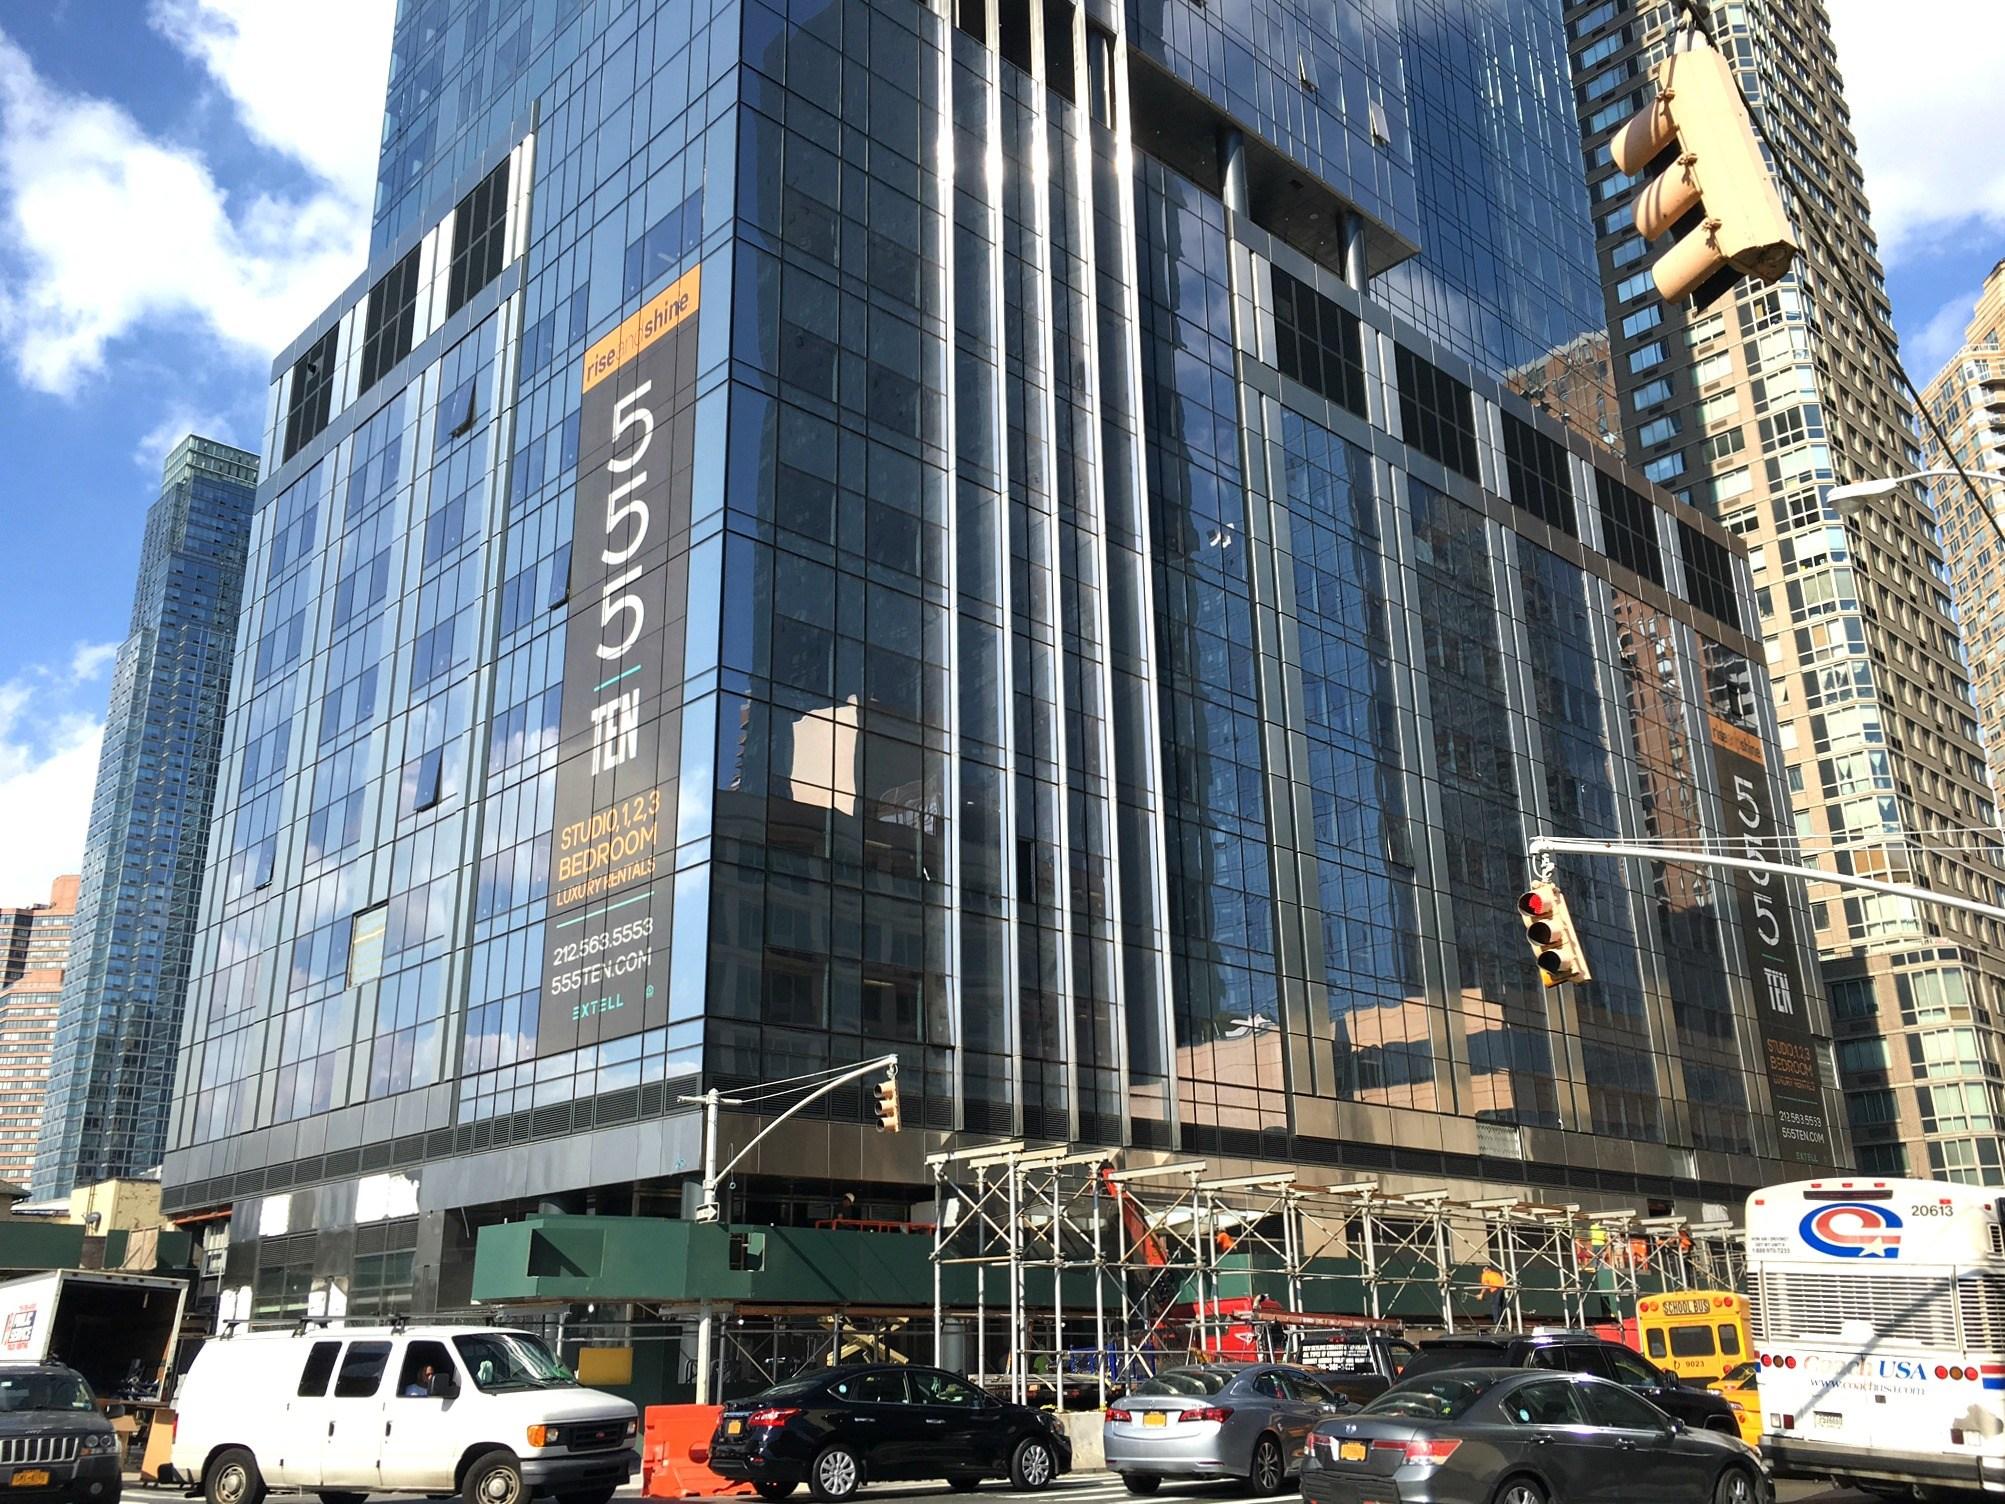 Điểm Mạnh Của Dự Án Extell Tòa Tháp Thương Mại 555 Đại Lộ Số 10 New York